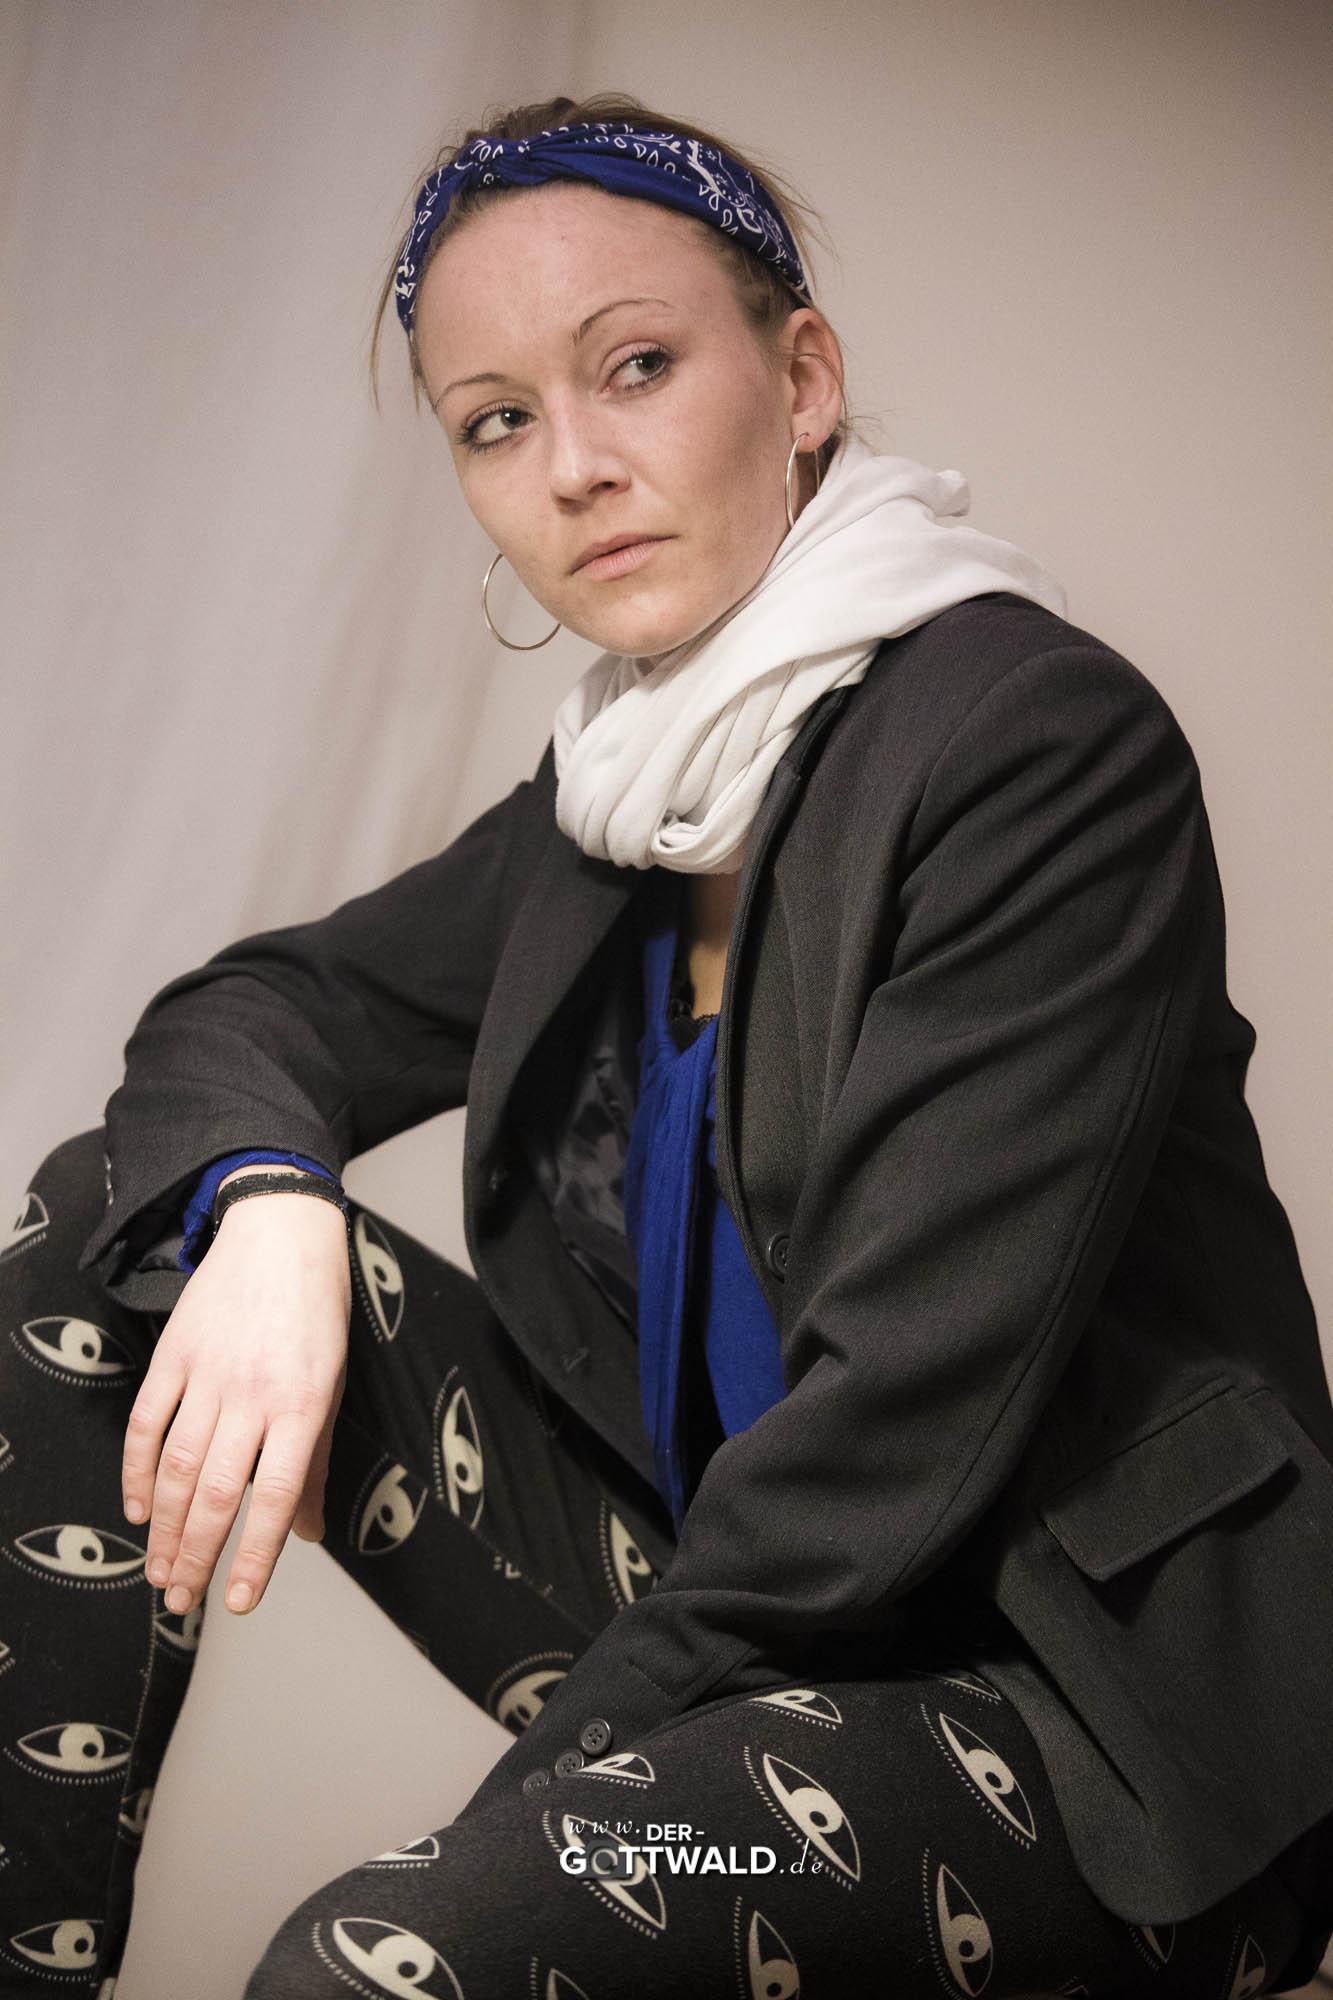 der-gottwaldDE - Business-Portrait 27.jpg